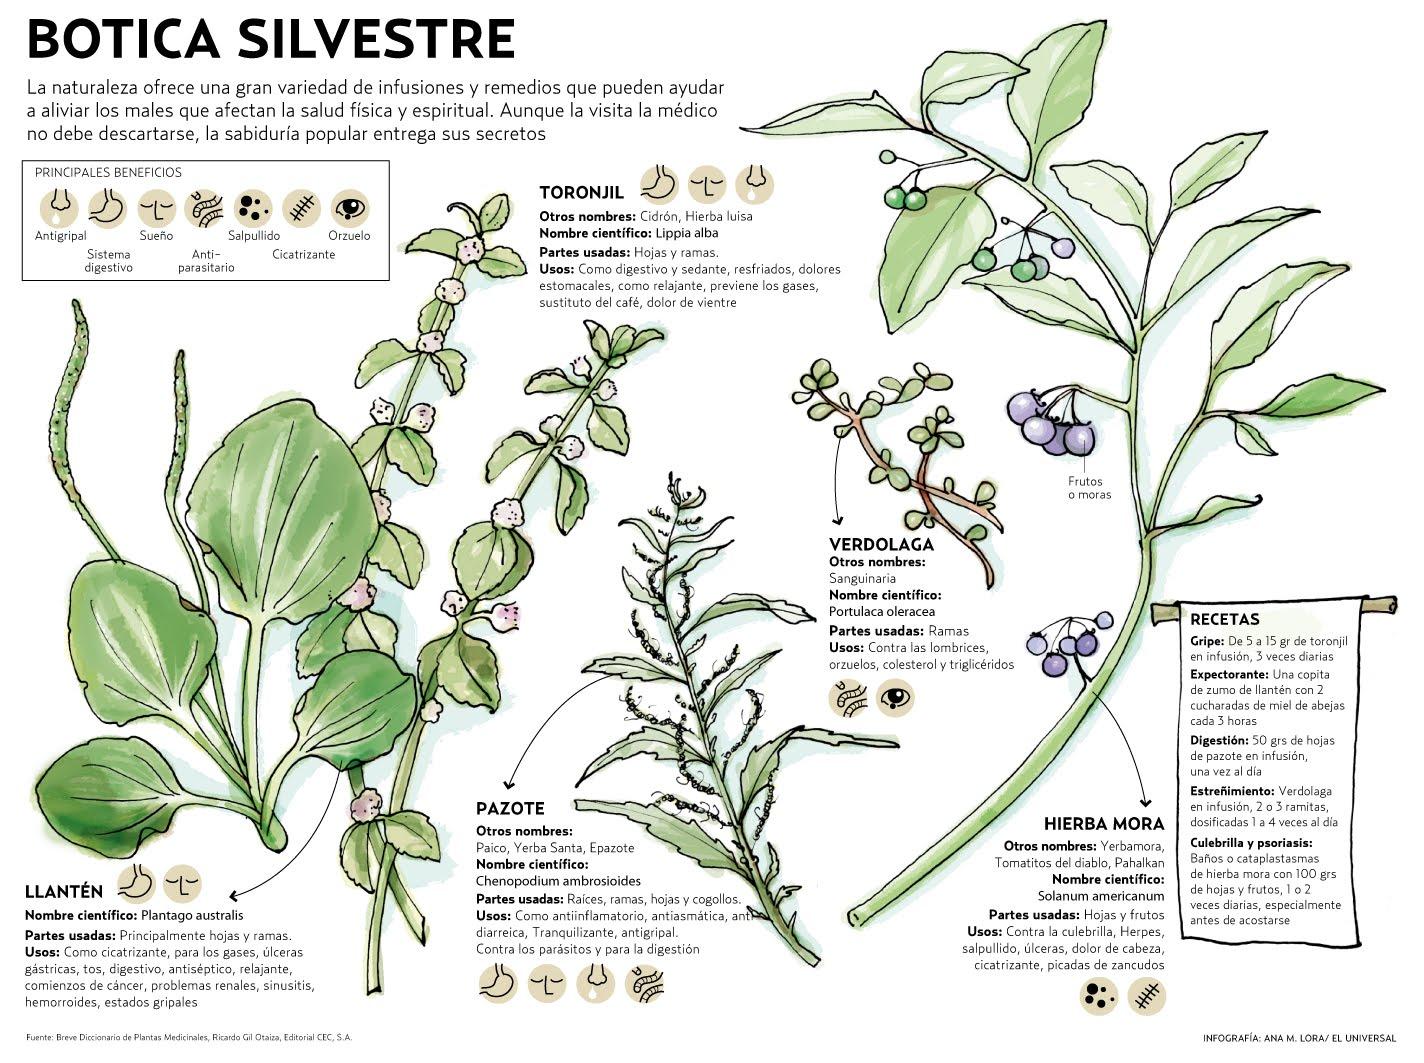 Medicina tradicional espada de luz en tu honor for Tipos de hierbas medicinales